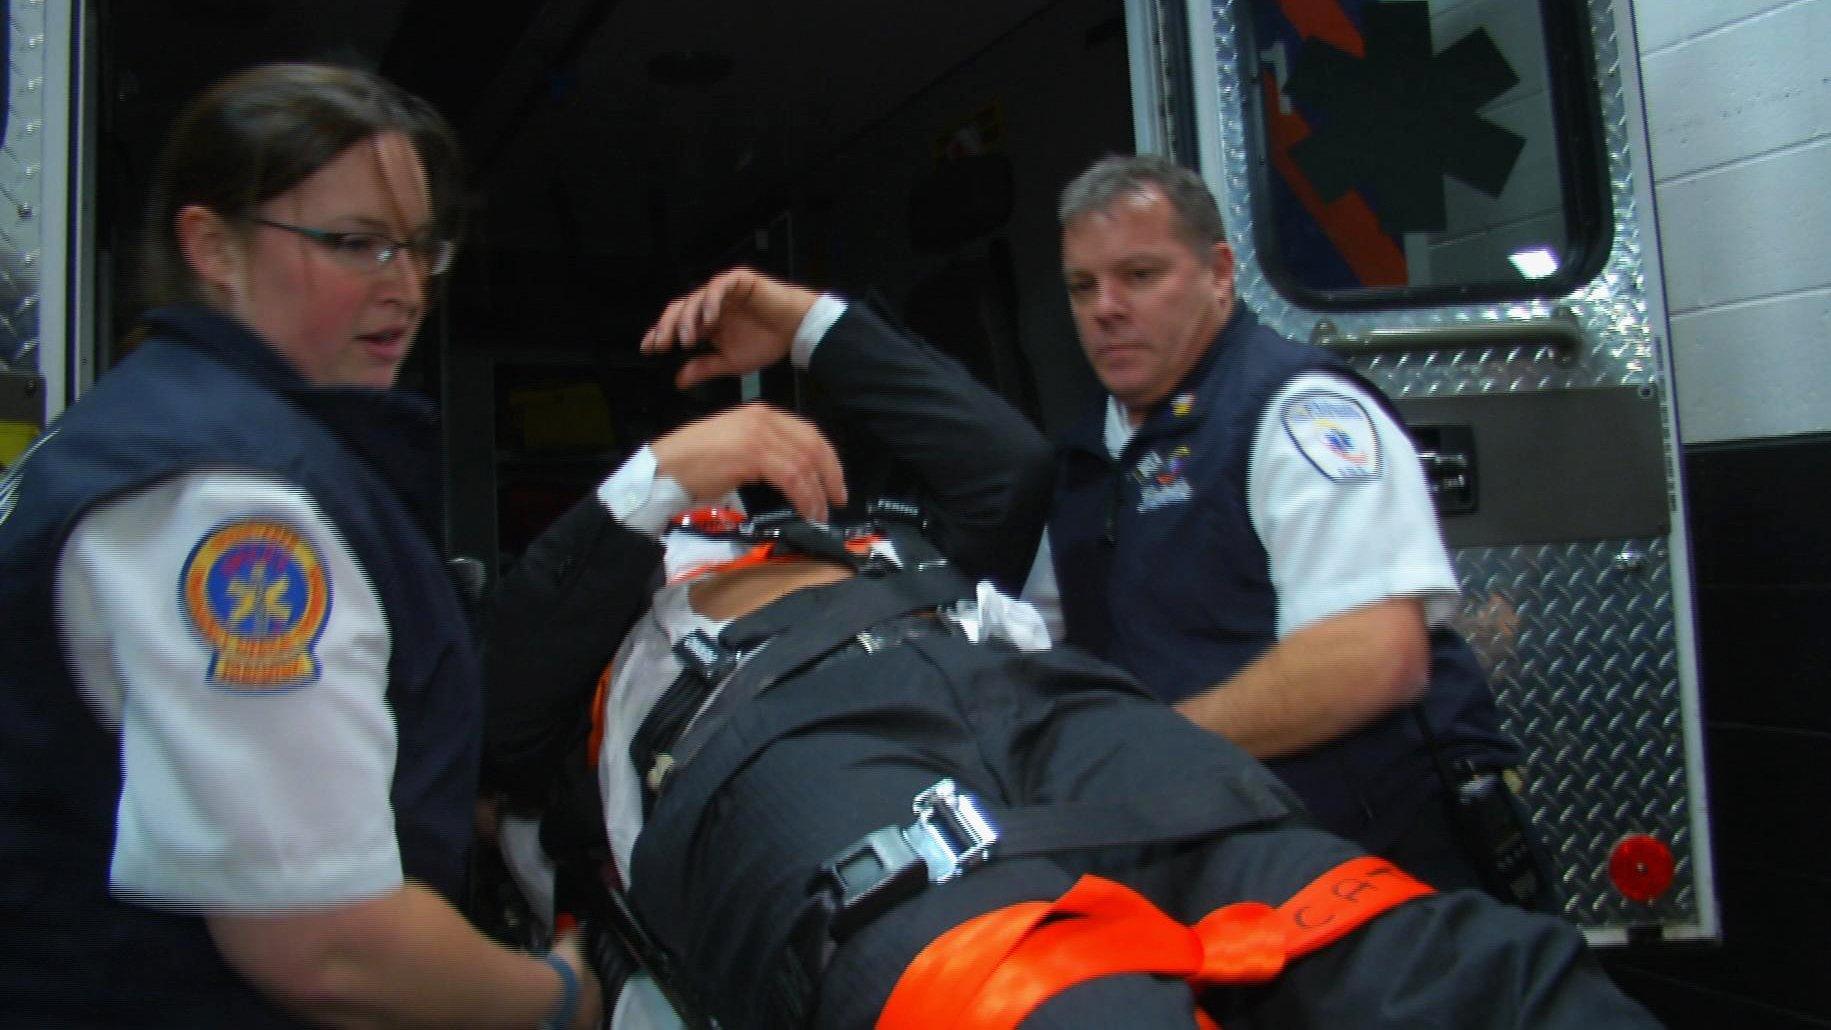 Triple H est emmené en ambulance après avoir été attaqué par Roman Reigns: WWE.com Exclusive, 13 décembre 2015